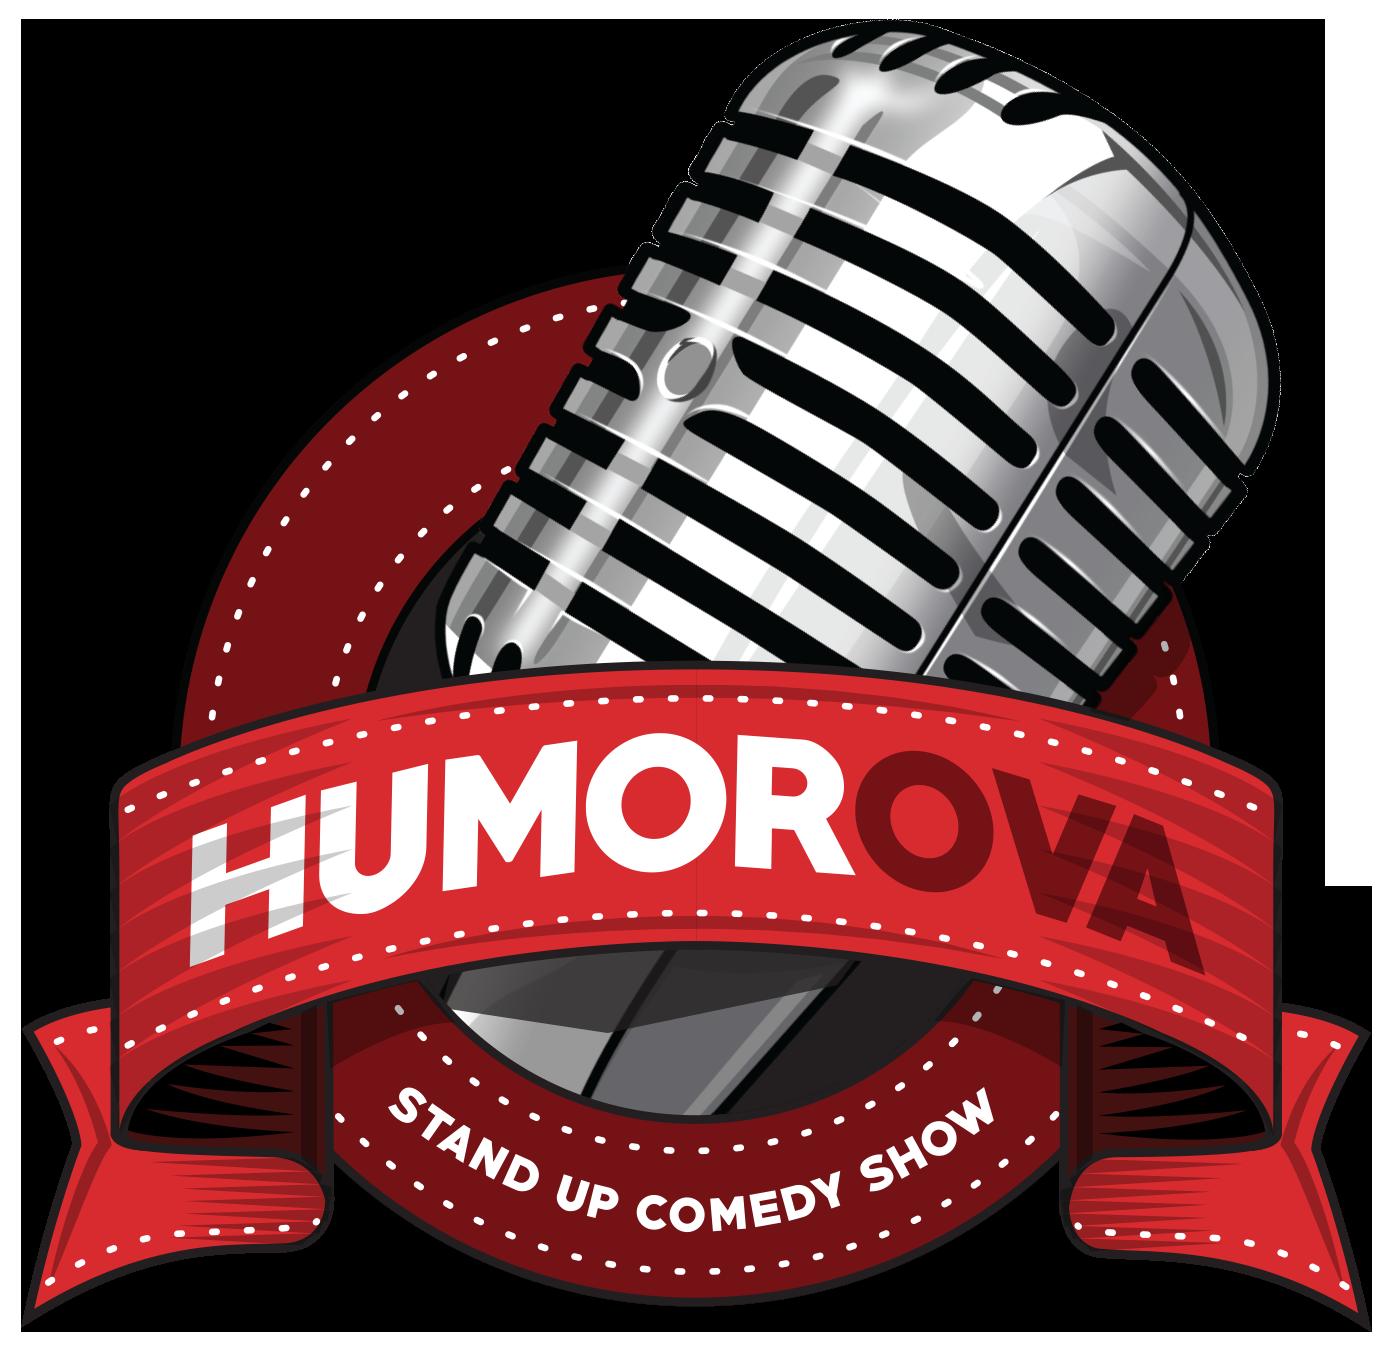 HumorOva